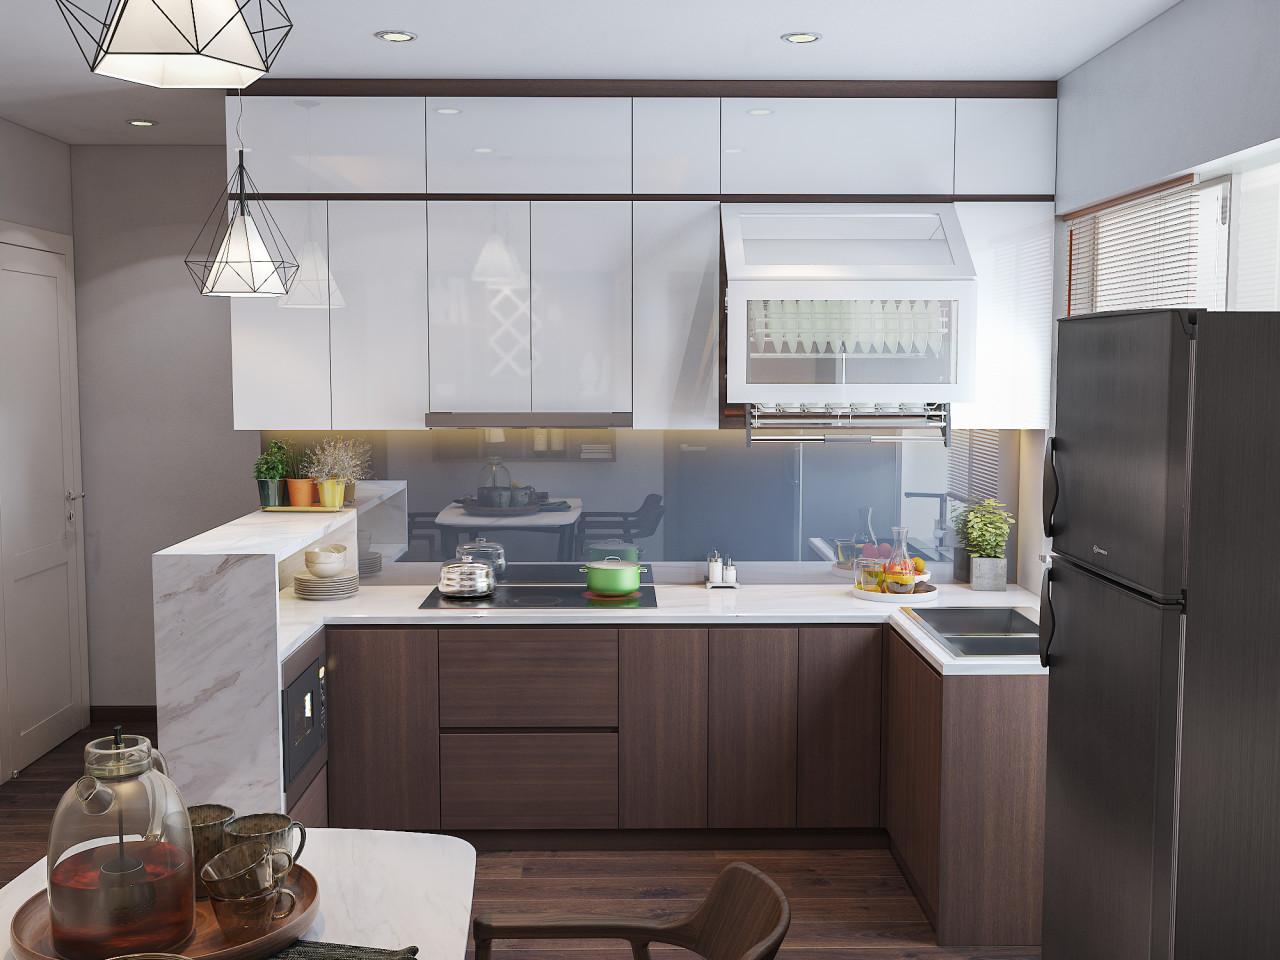 Tủ bếp được thiết kế với chất liệu acrylic tráng gương kết hợp với tông nâu gỗ mang lại cảm giác sạch sẽ và sang trọng